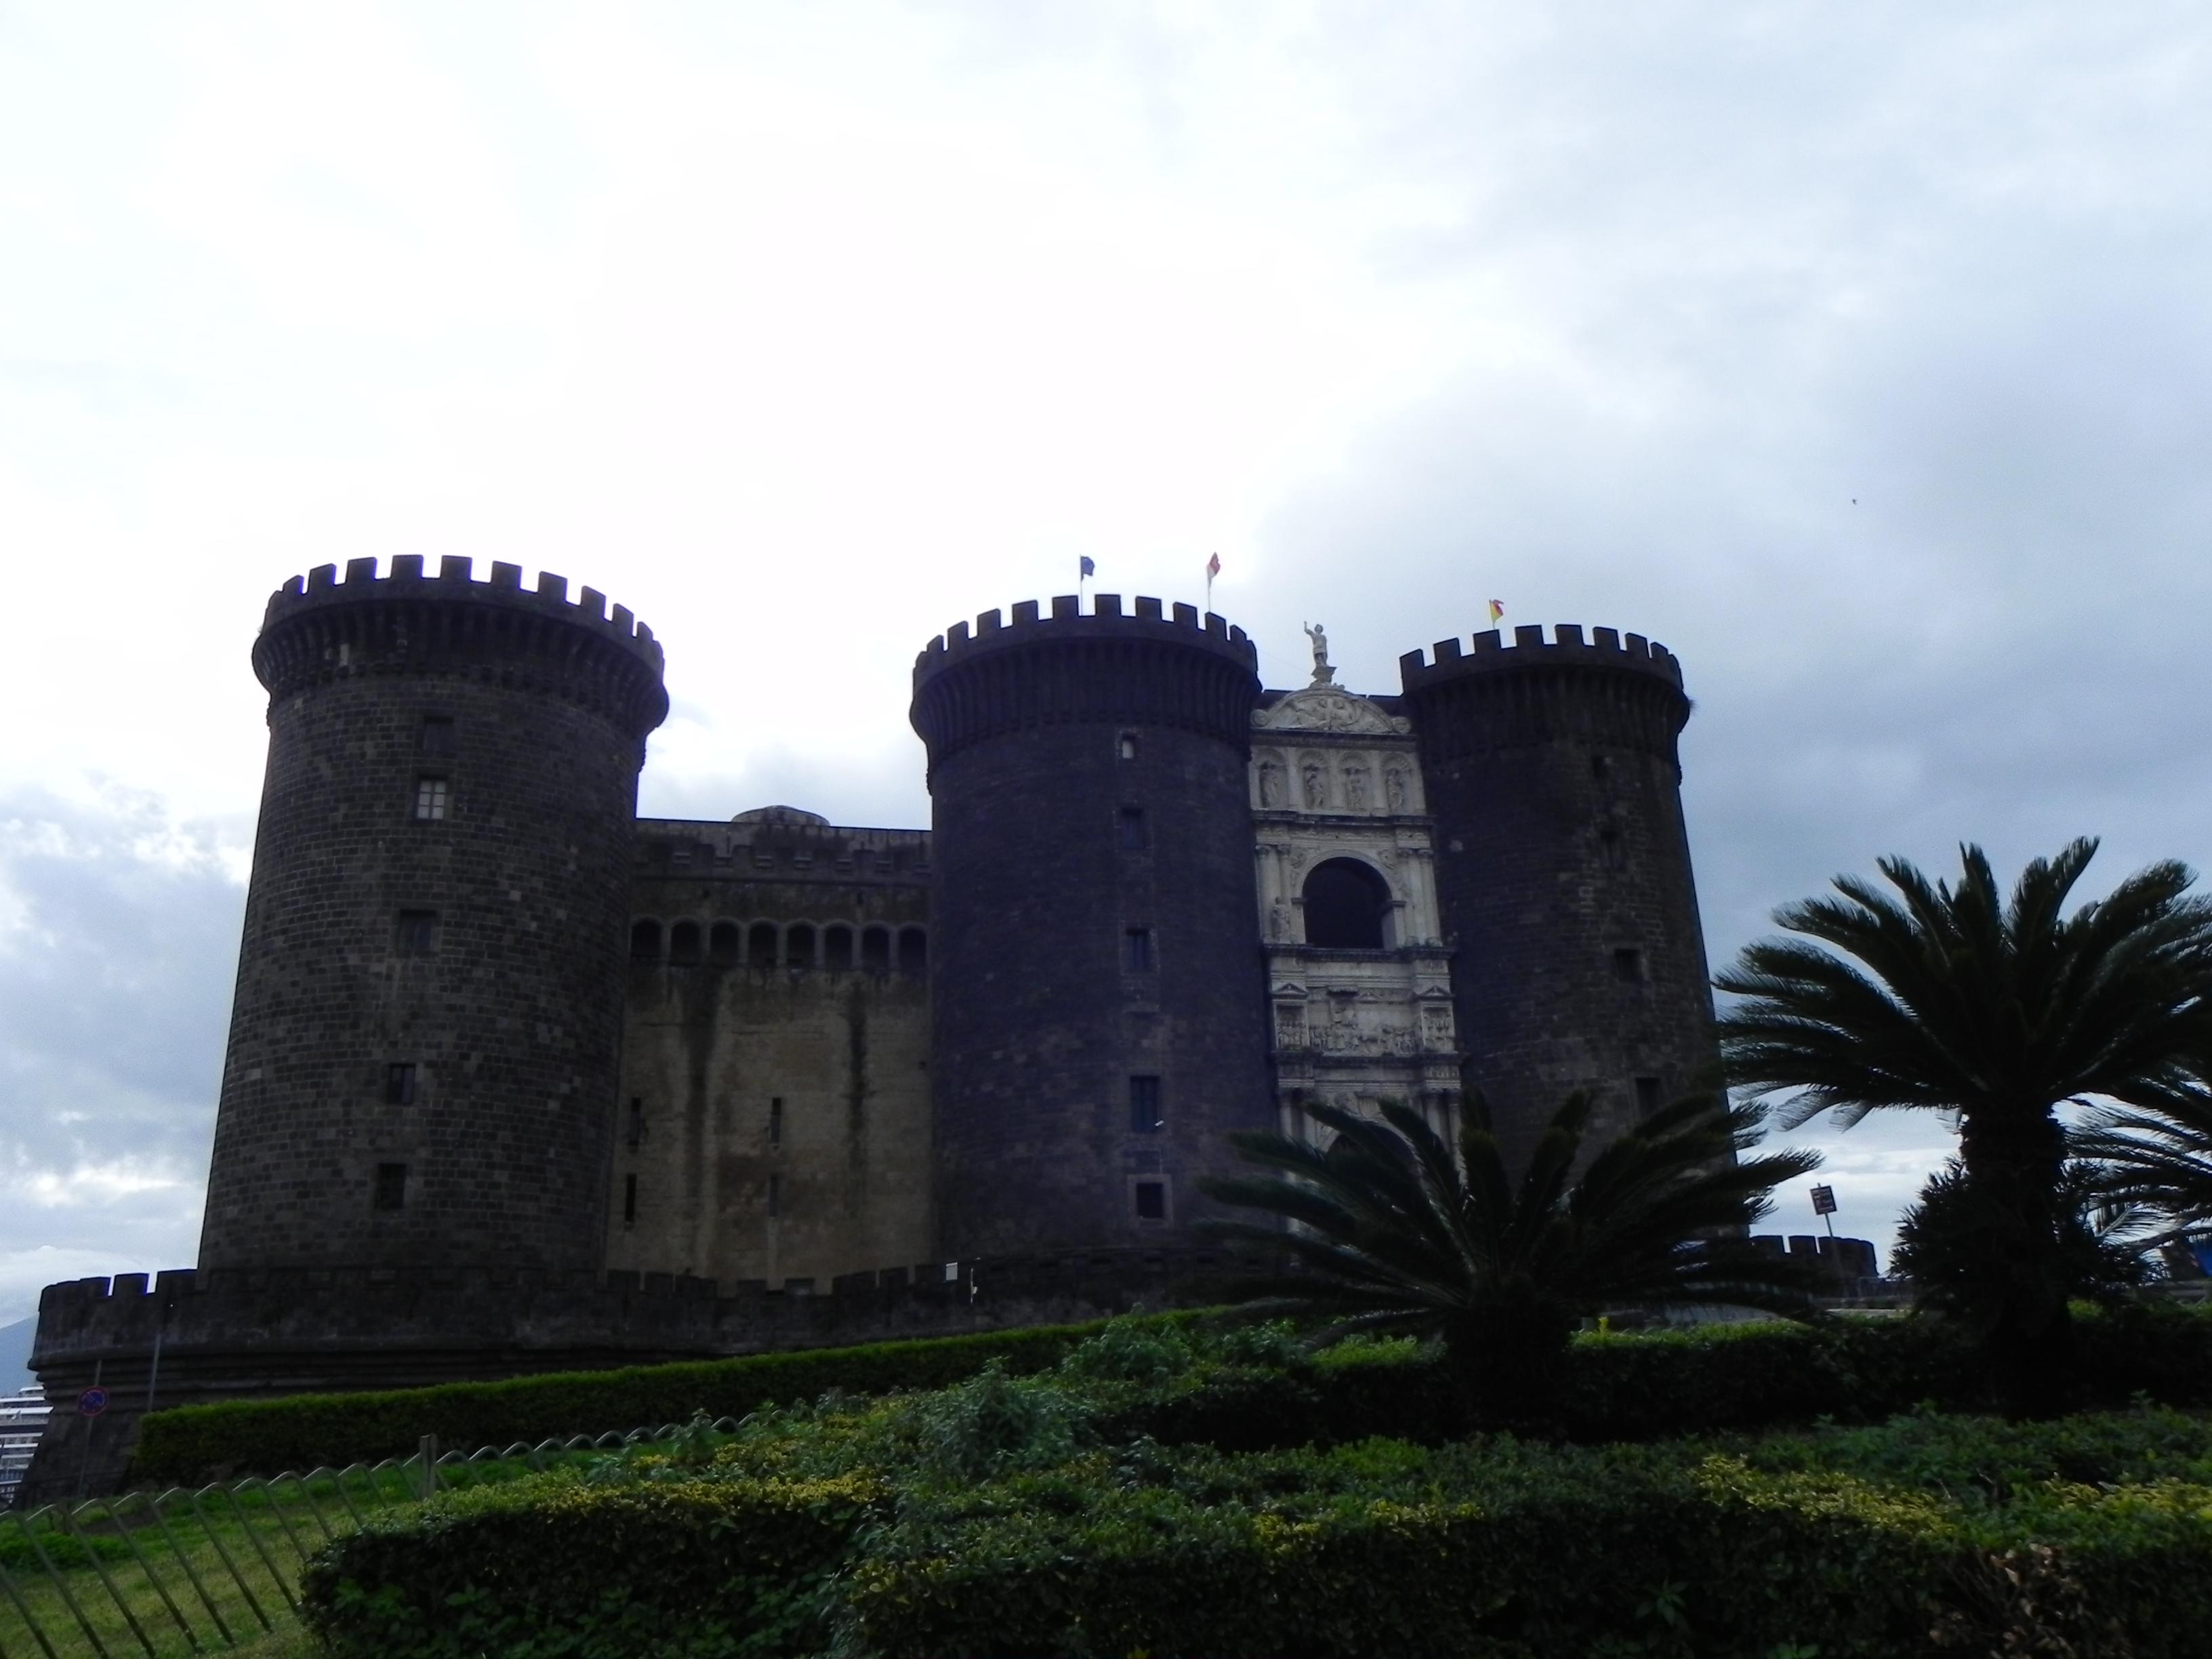 Harta cu obiectivele turistice din Napoli